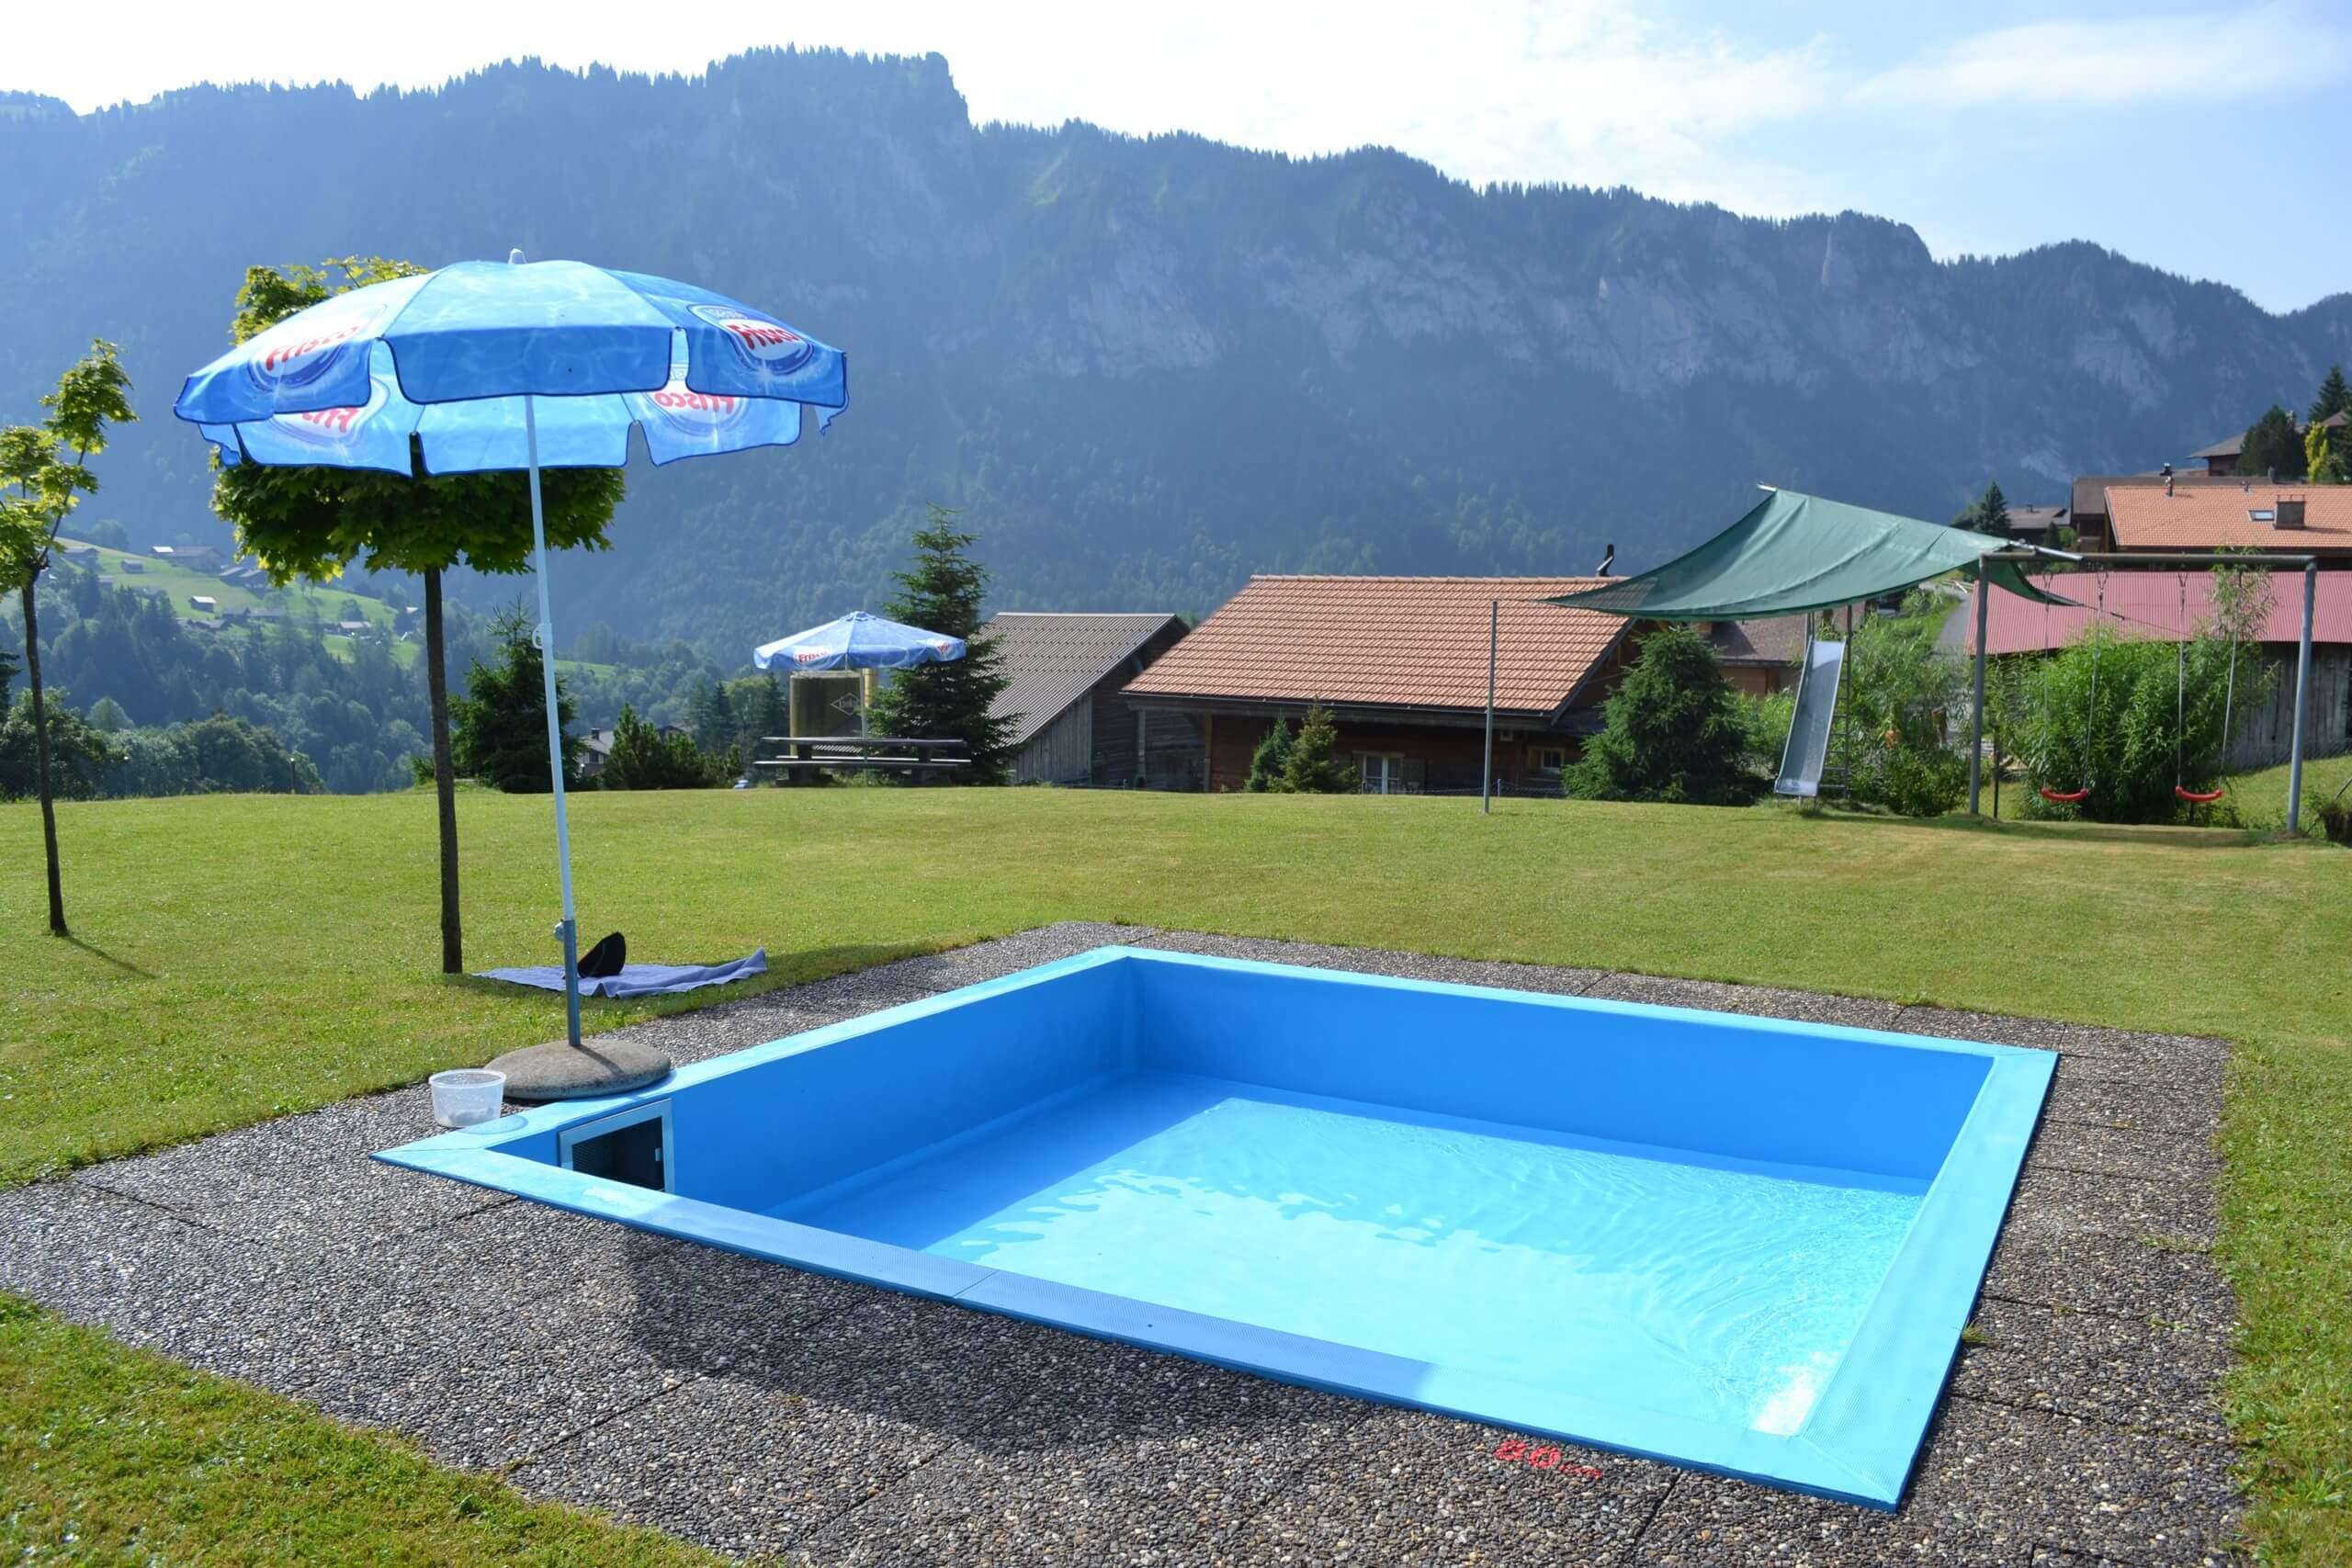 habkern-schwimmbad-freiluft-sommer-kinderplanschbecken-hardergrat